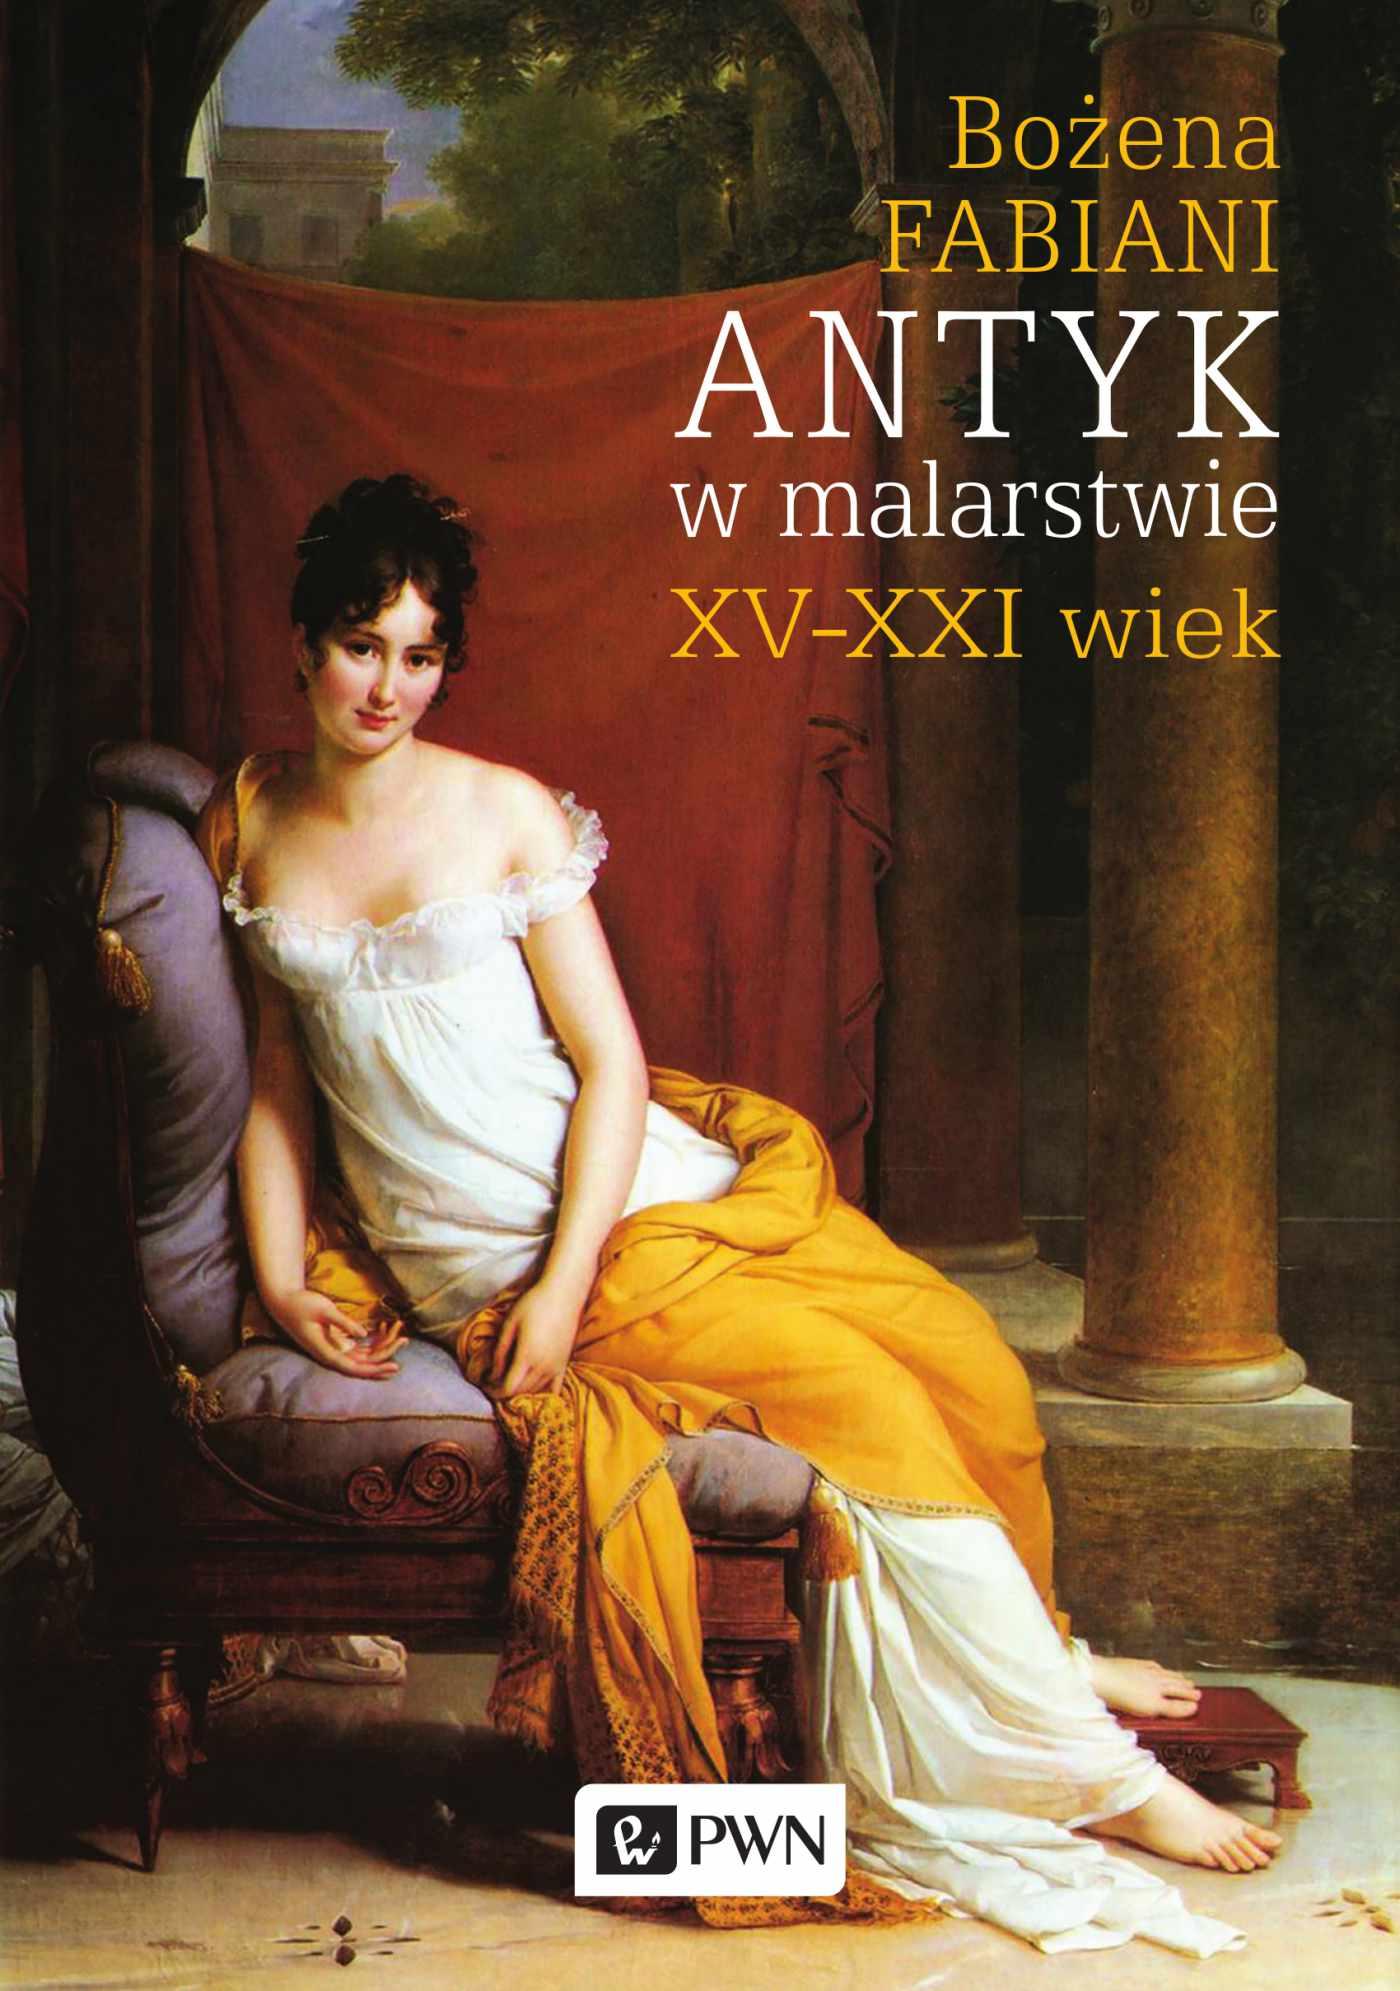 Antyk w malarstwie. XV-XXI wiek - Ebook (Książka na Kindle) do pobrania w formacie MOBI